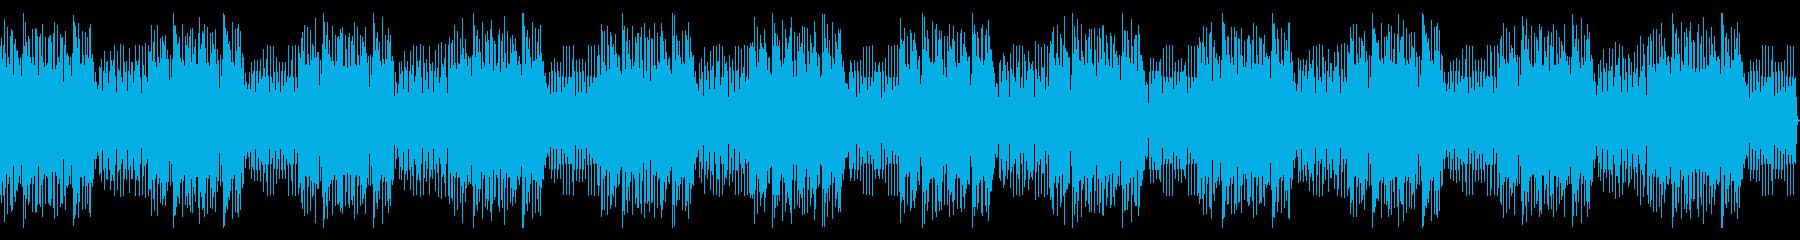 ほのぼの 日常系 配信 の再生済みの波形